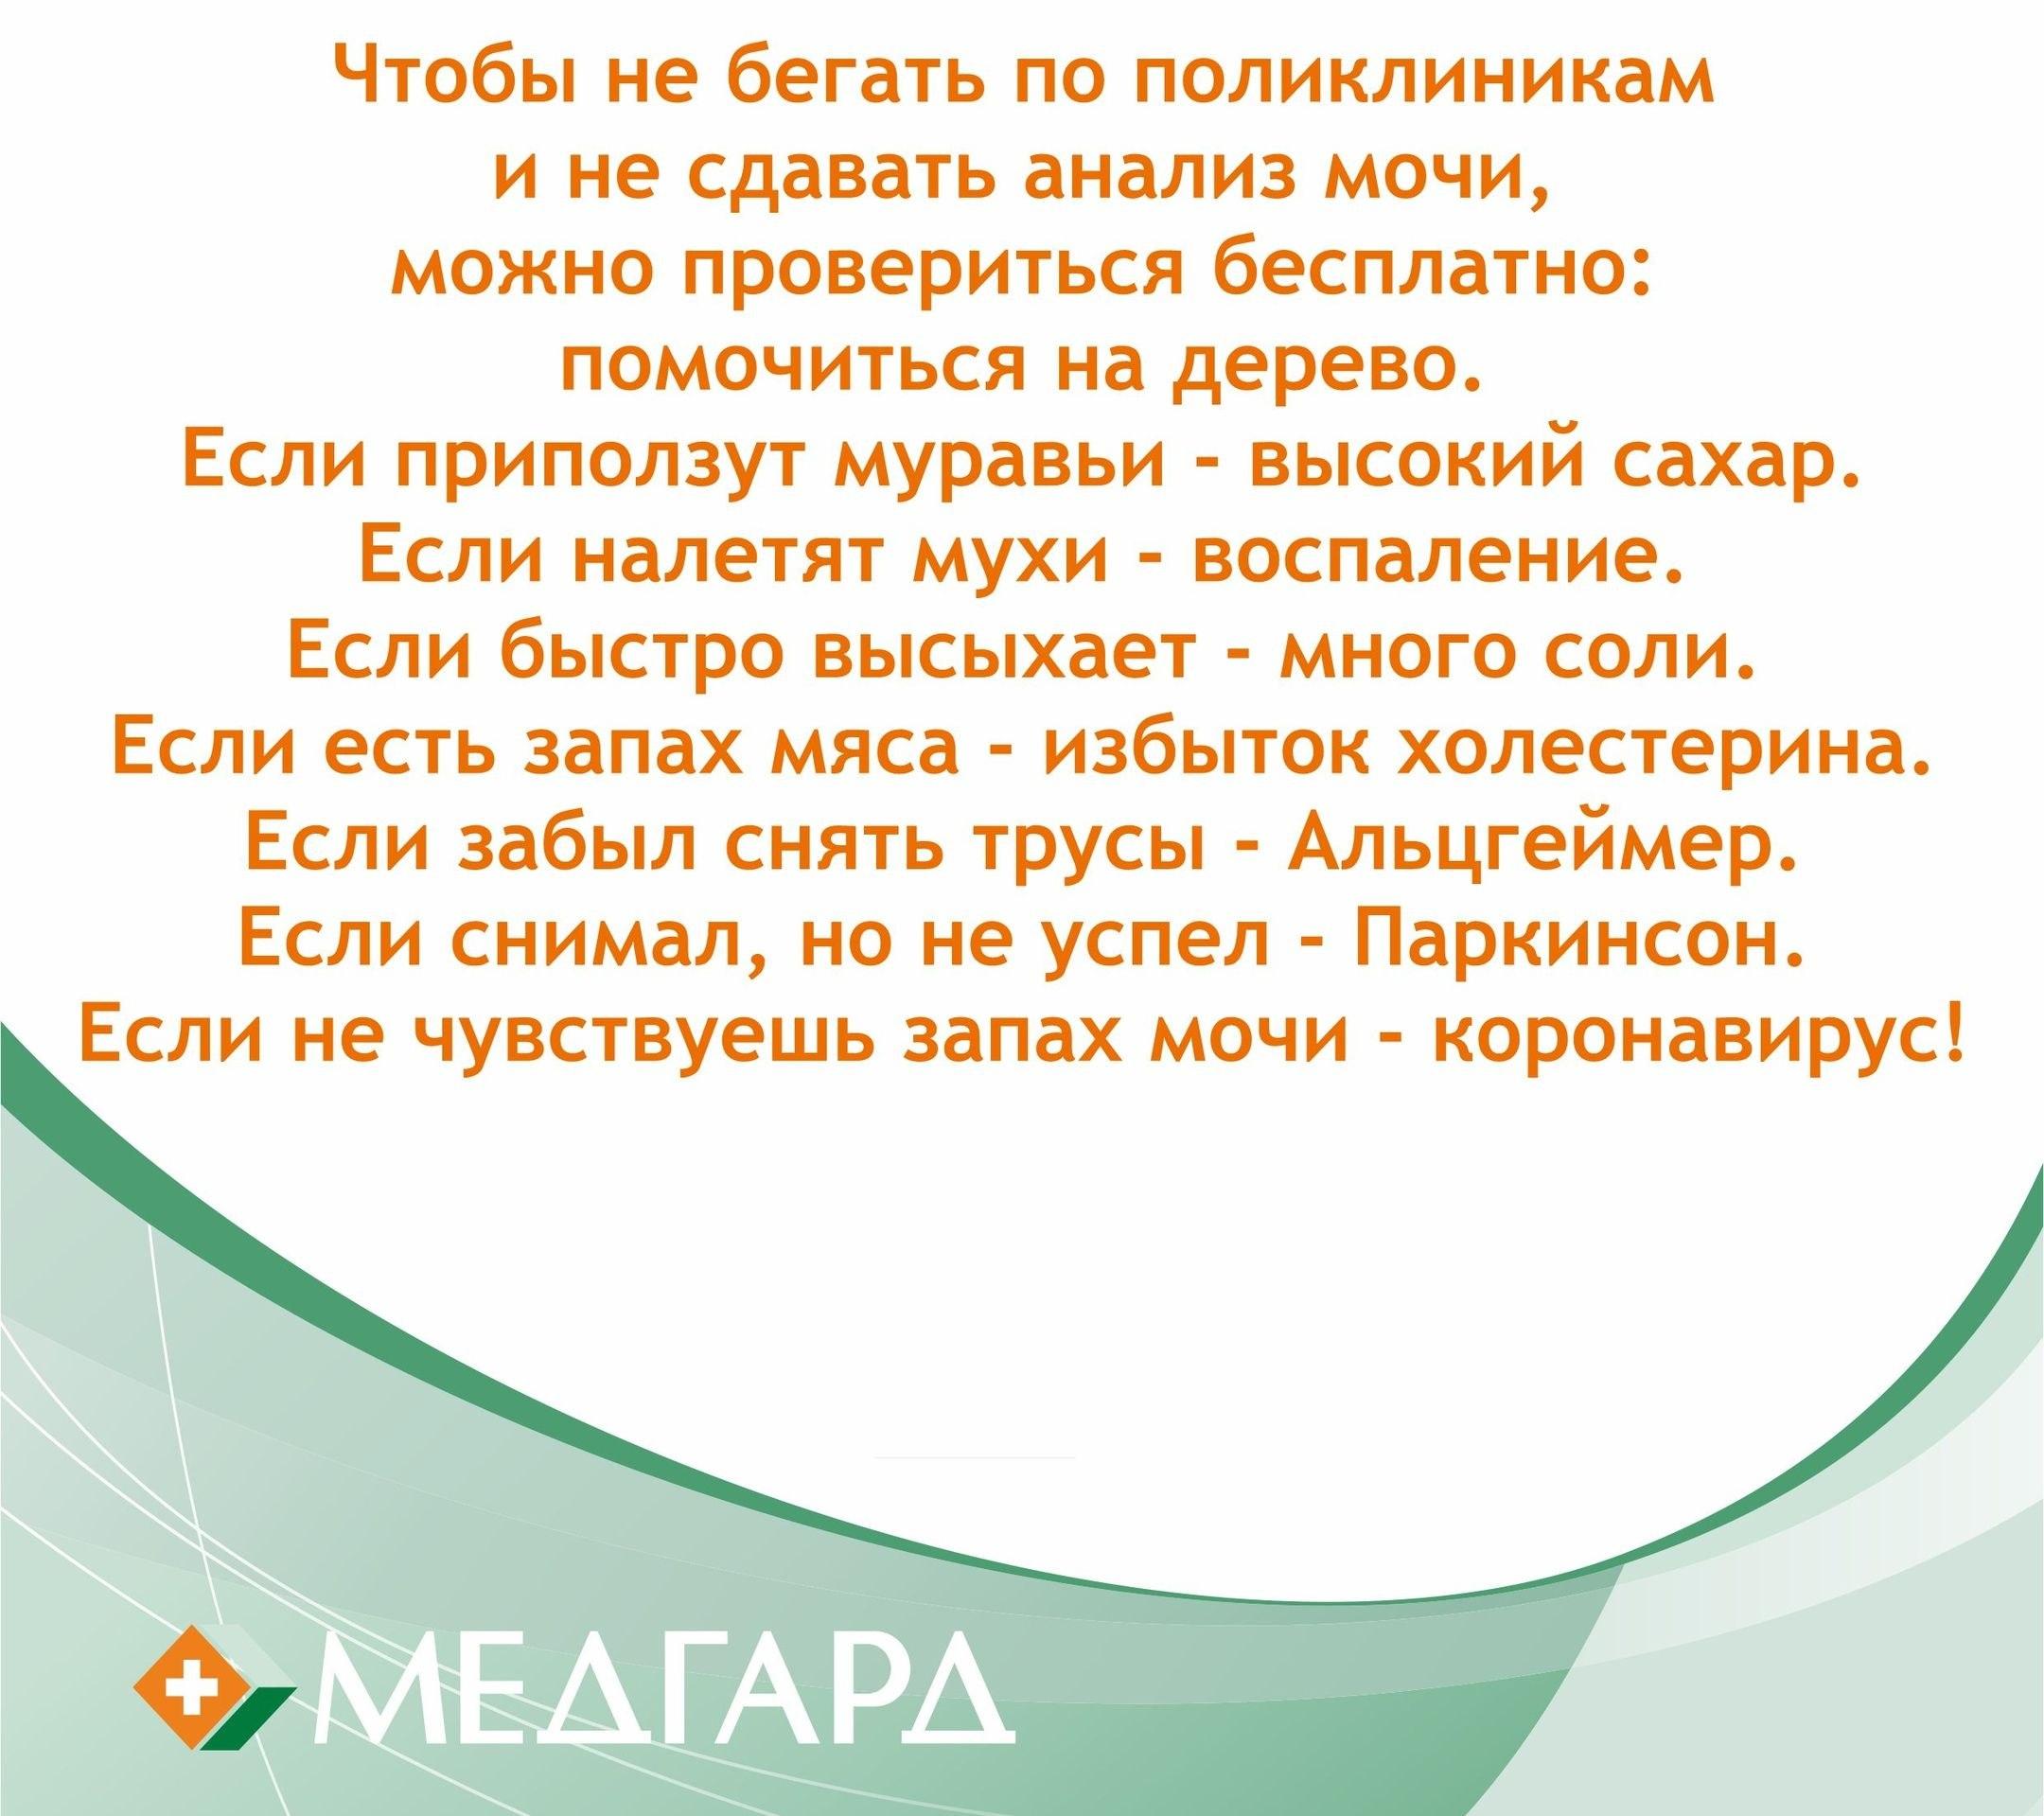 АНЕКДОТОТЕРАПИЯ